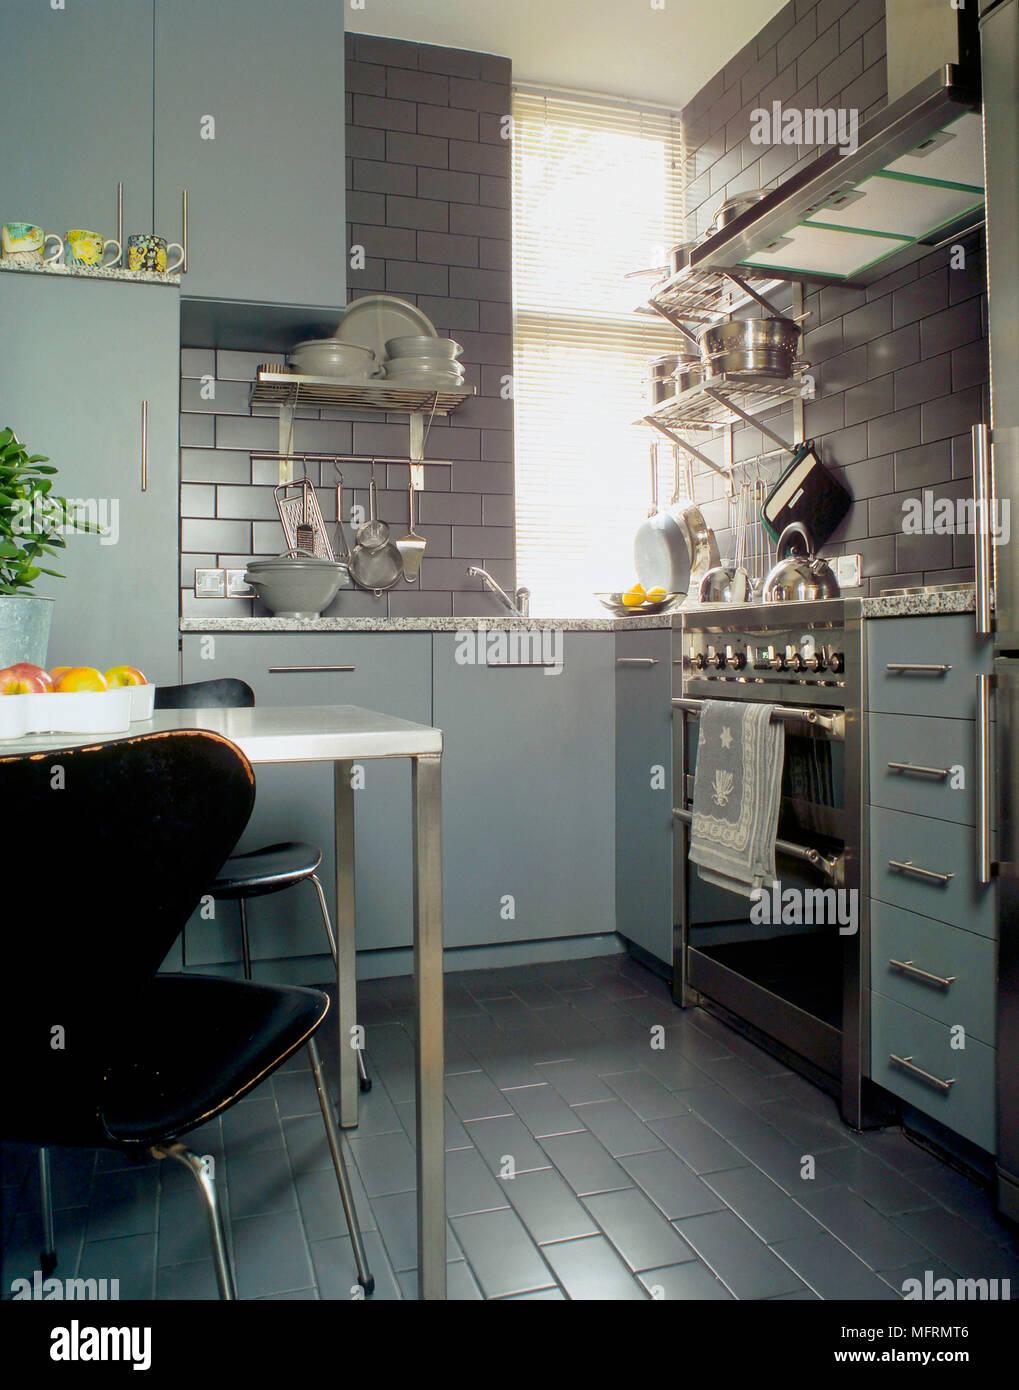 Modern Kitchen Diner Imágenes De Stock & Modern Kitchen Diner Fotos ...